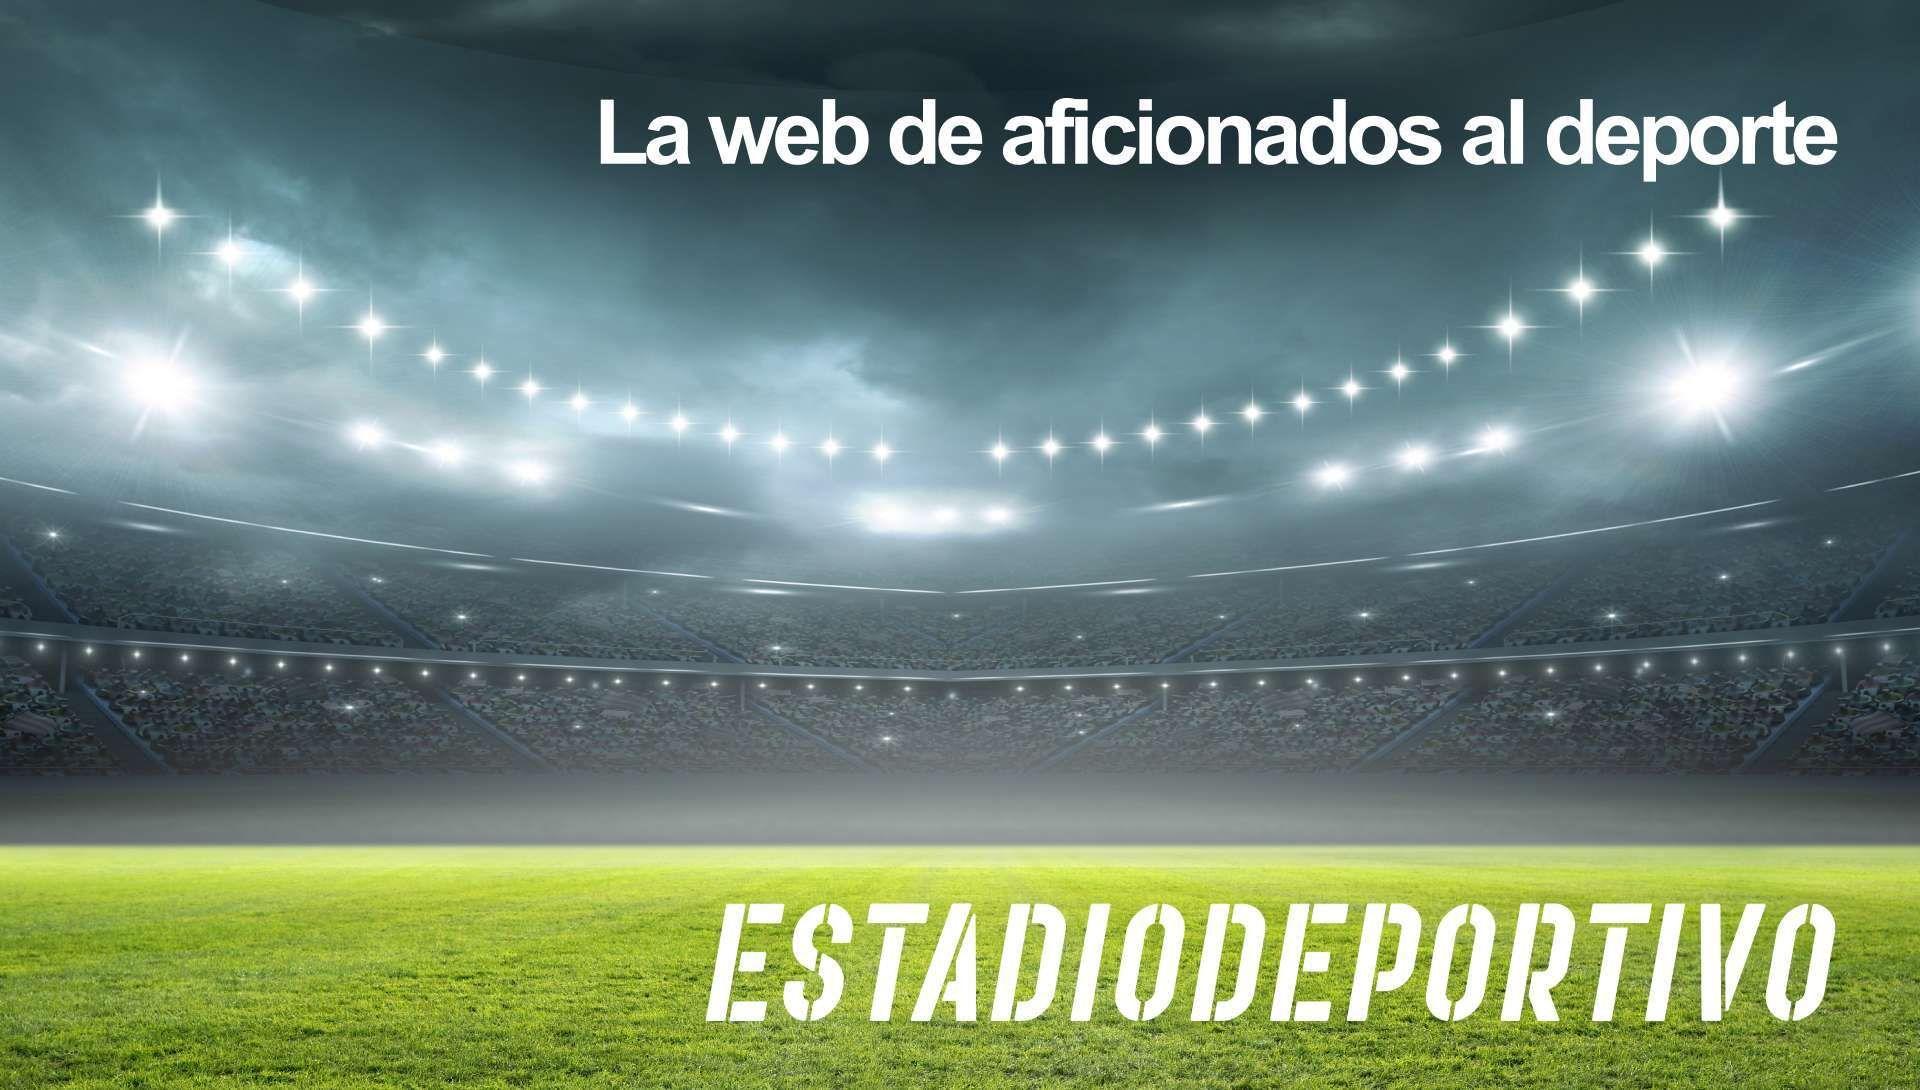 Redes sociales de los equipos que han incorporado a jugadores árabes